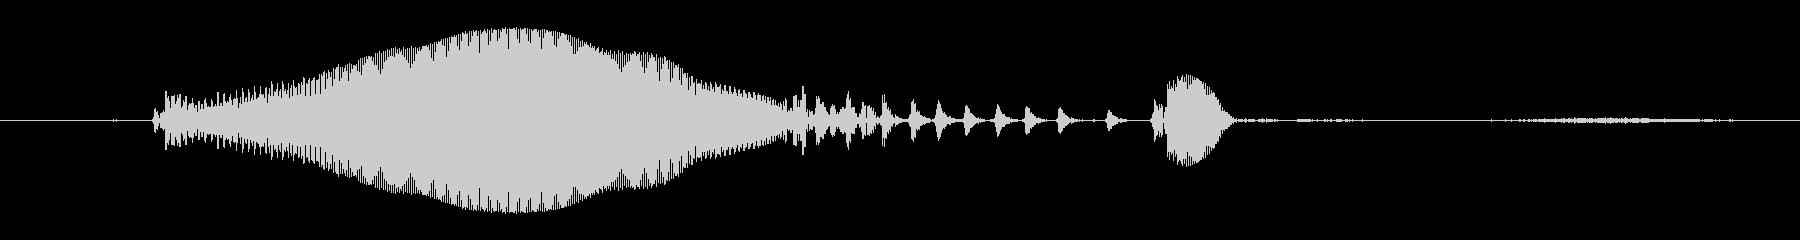 鳴き声 女性のうめき声02の未再生の波形